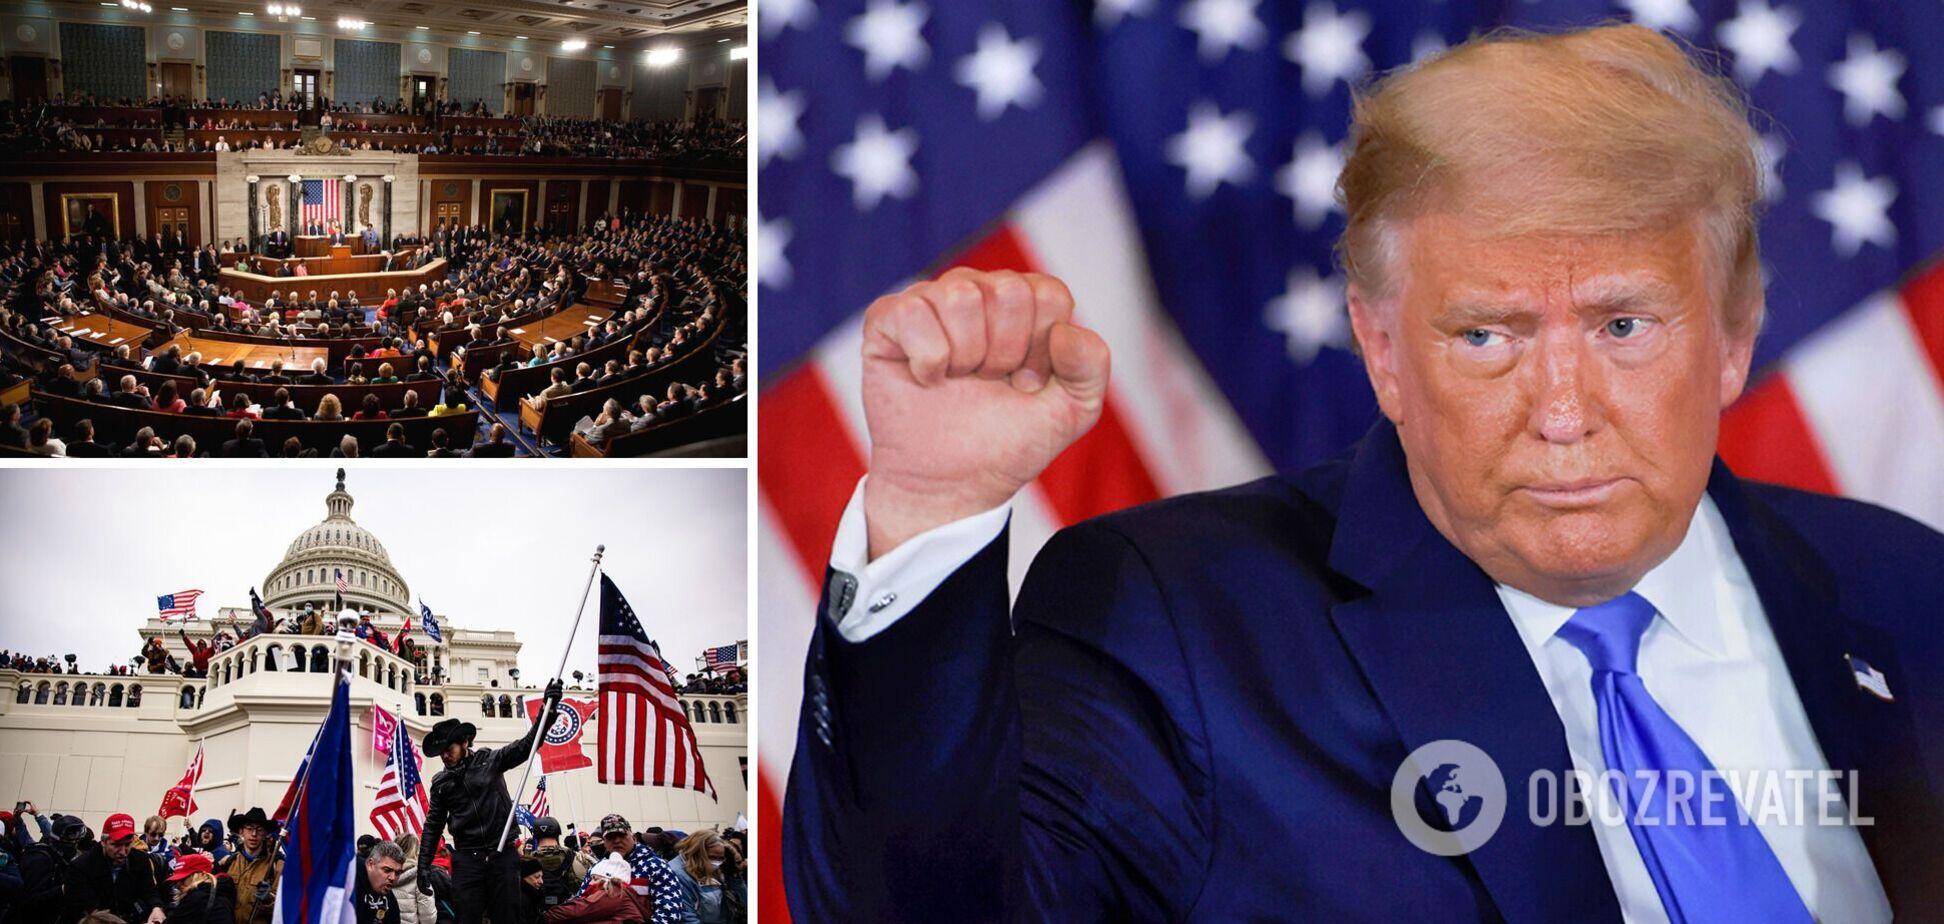 Сенат США провалил импичмент Трампа: Байден отреагировал